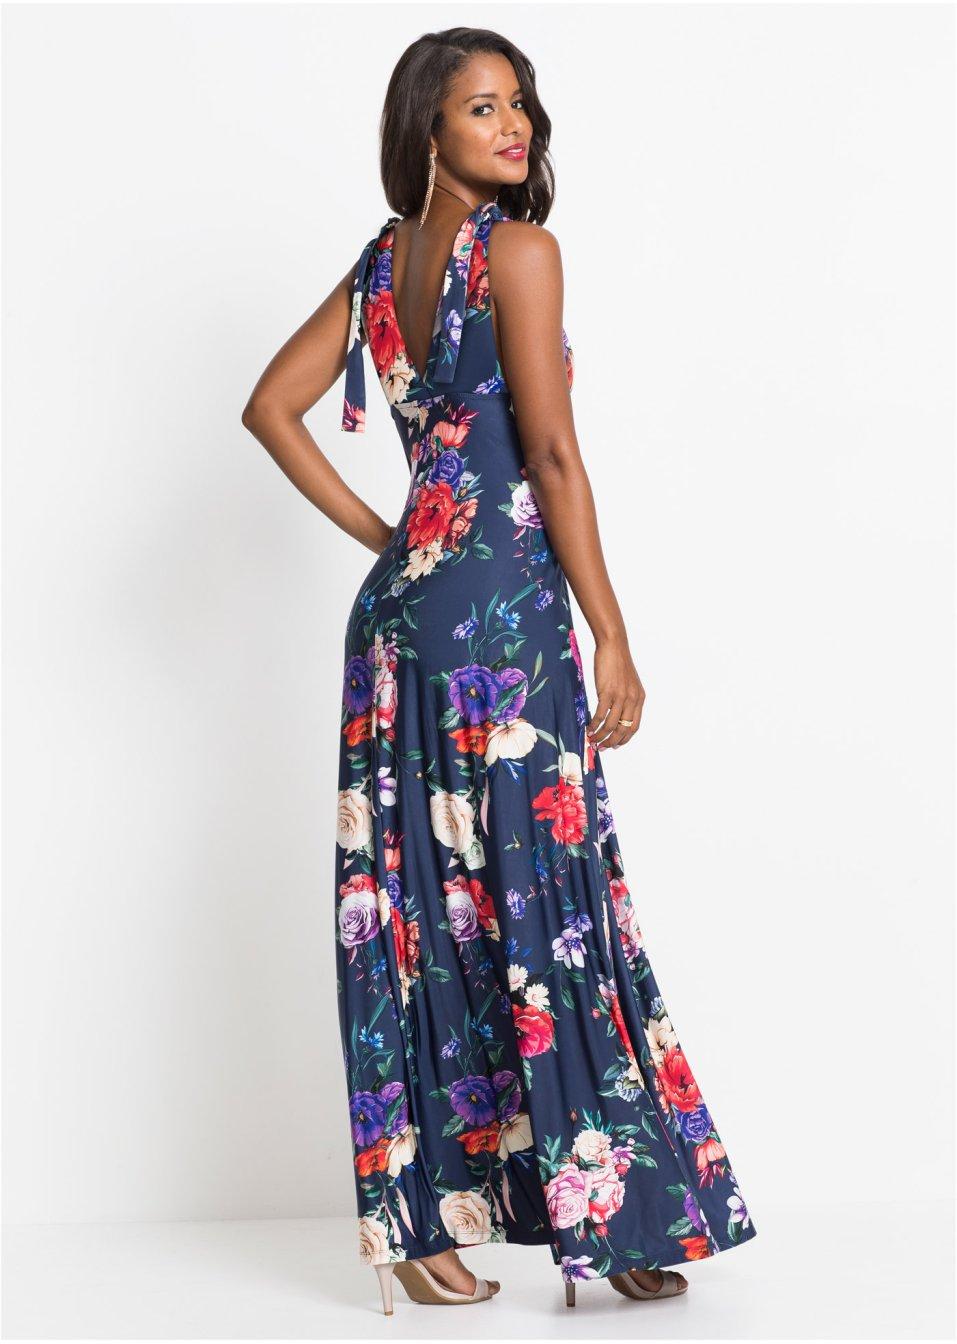 Mode Femme Vêtements DJLfdOFlkj Robe longue à fleurs bleu foncé à fleurs Femme .fr